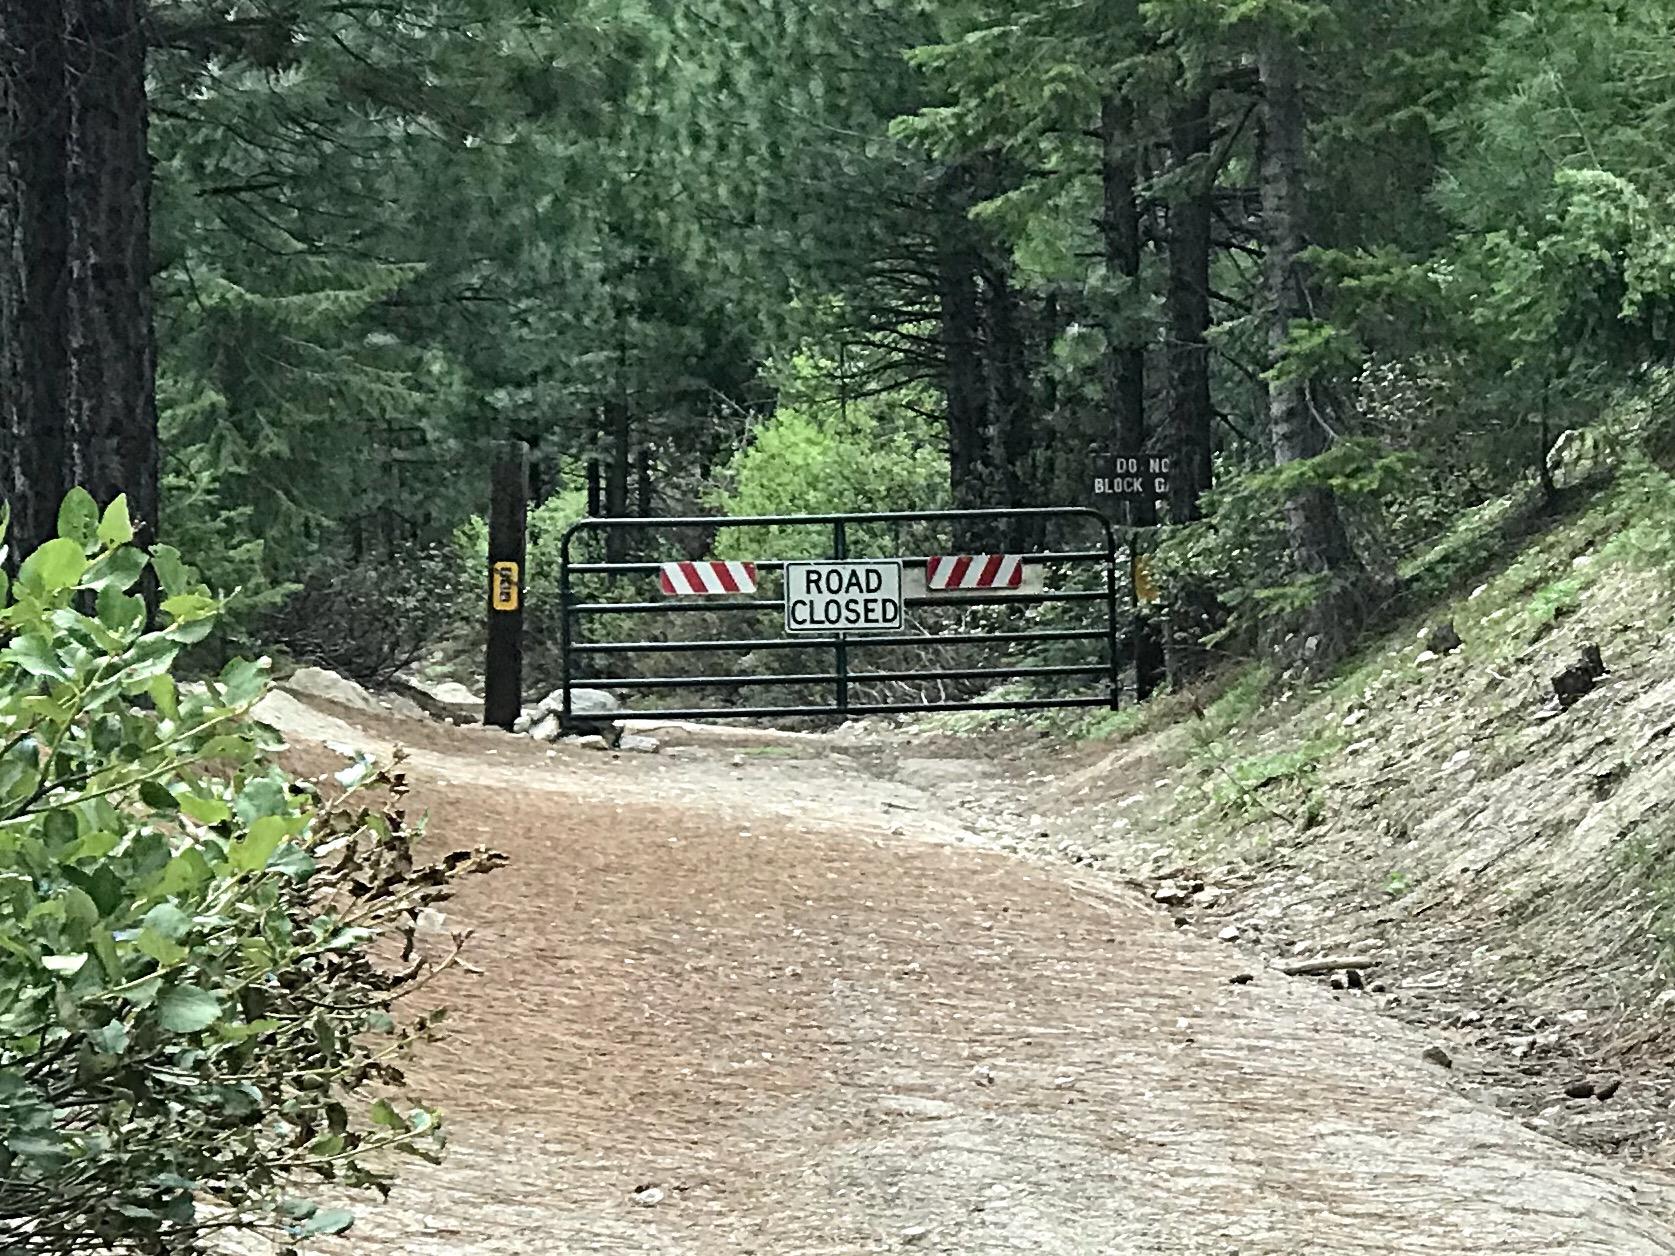 The gate closing FS-678B.